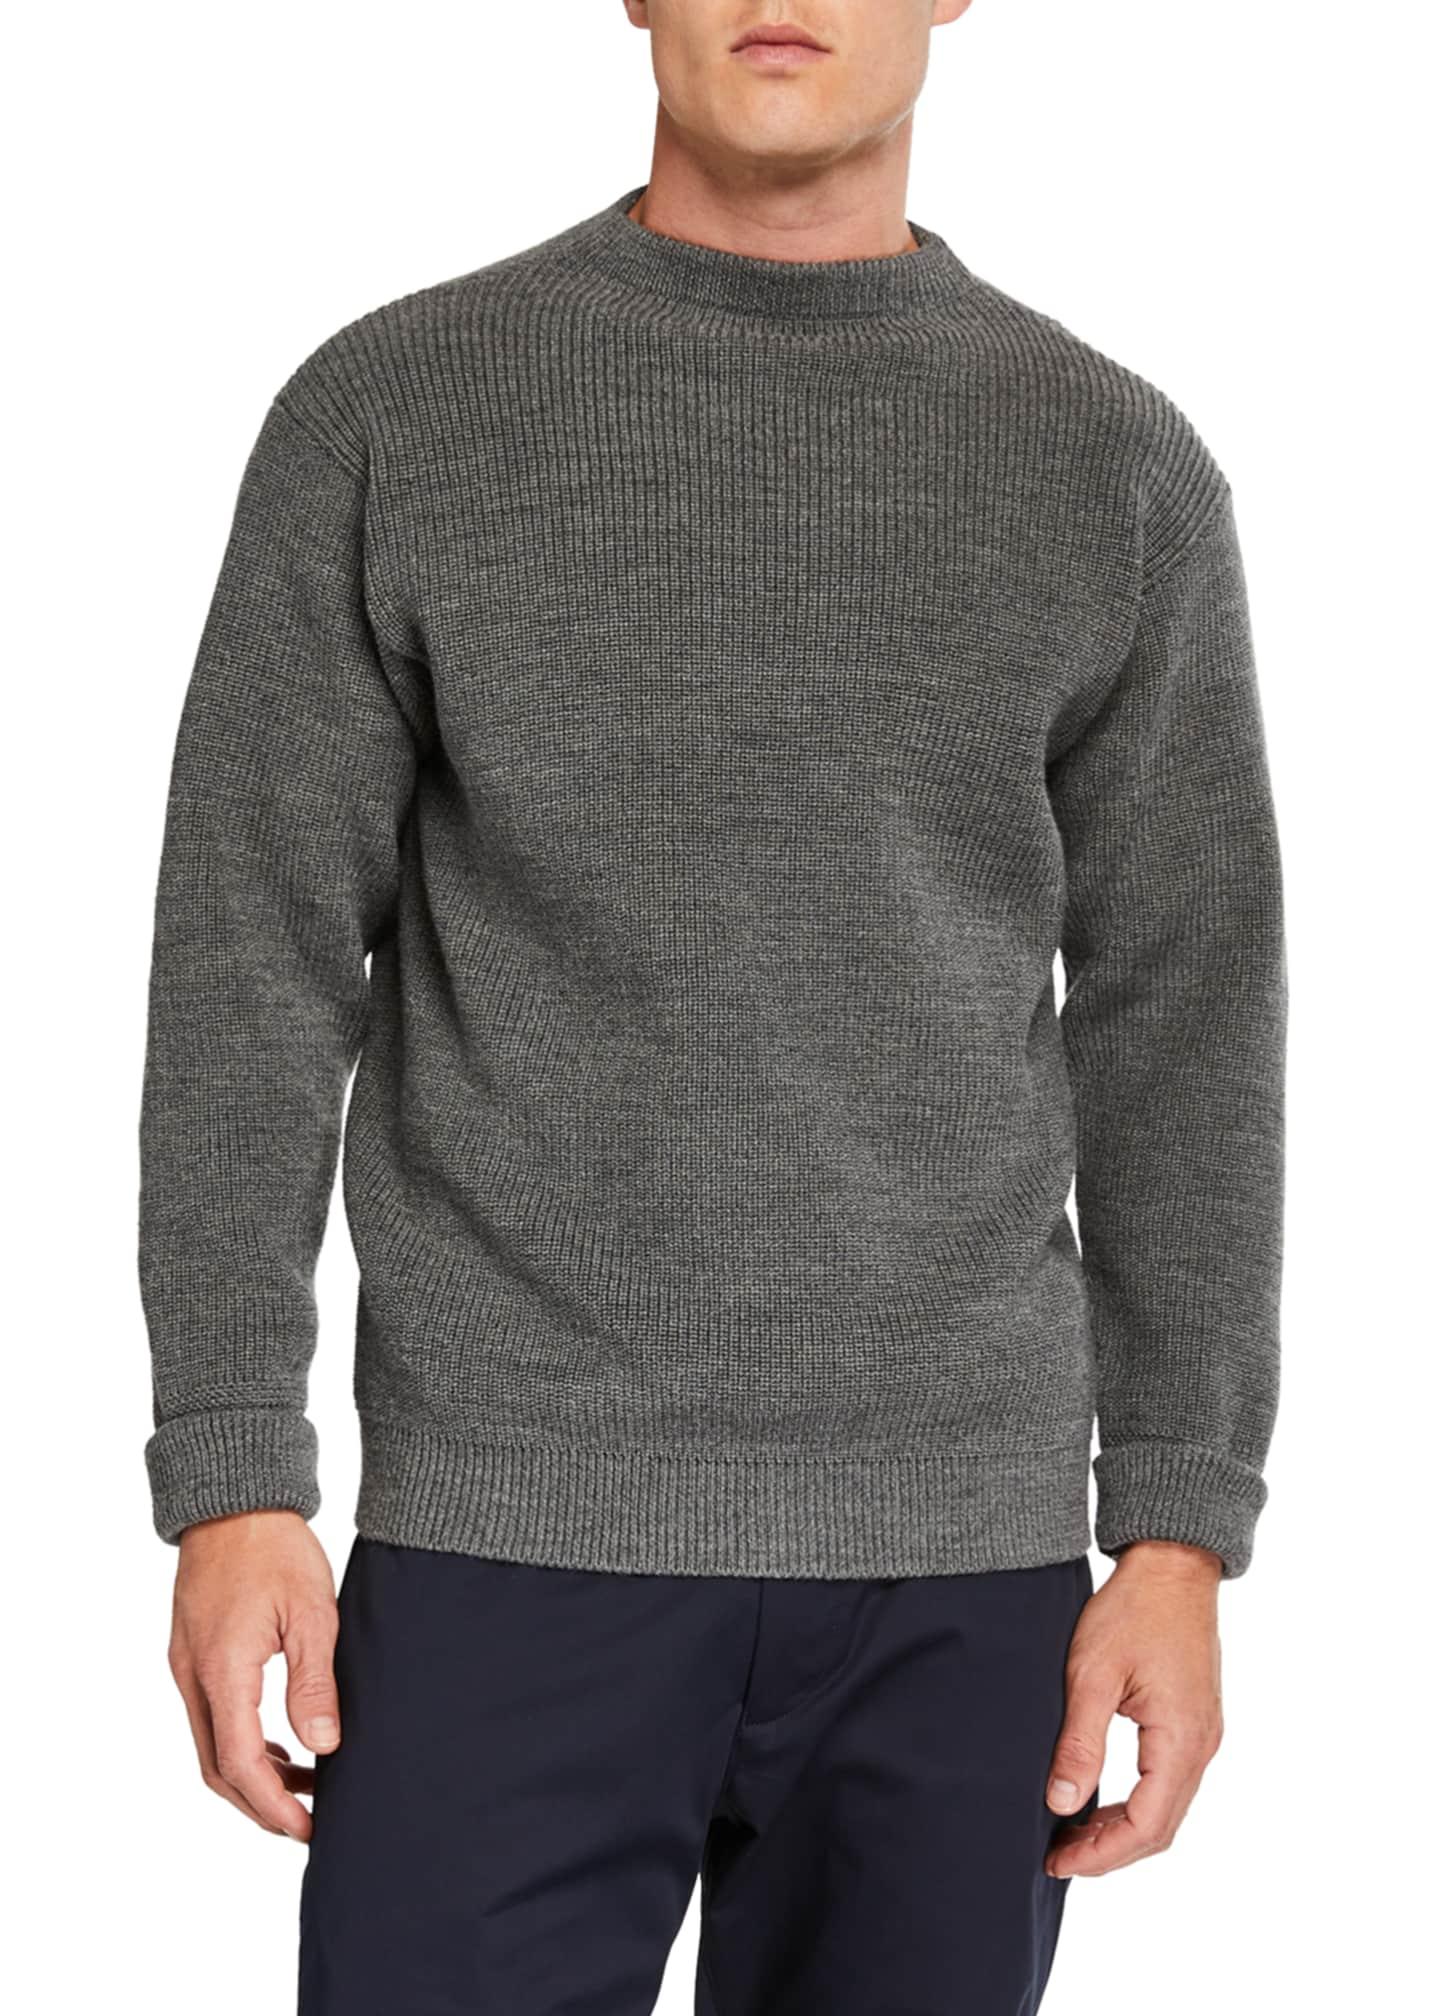 ANDERSEN-ANDERSEN Men's Sailor Solid Crewneck Sweater with